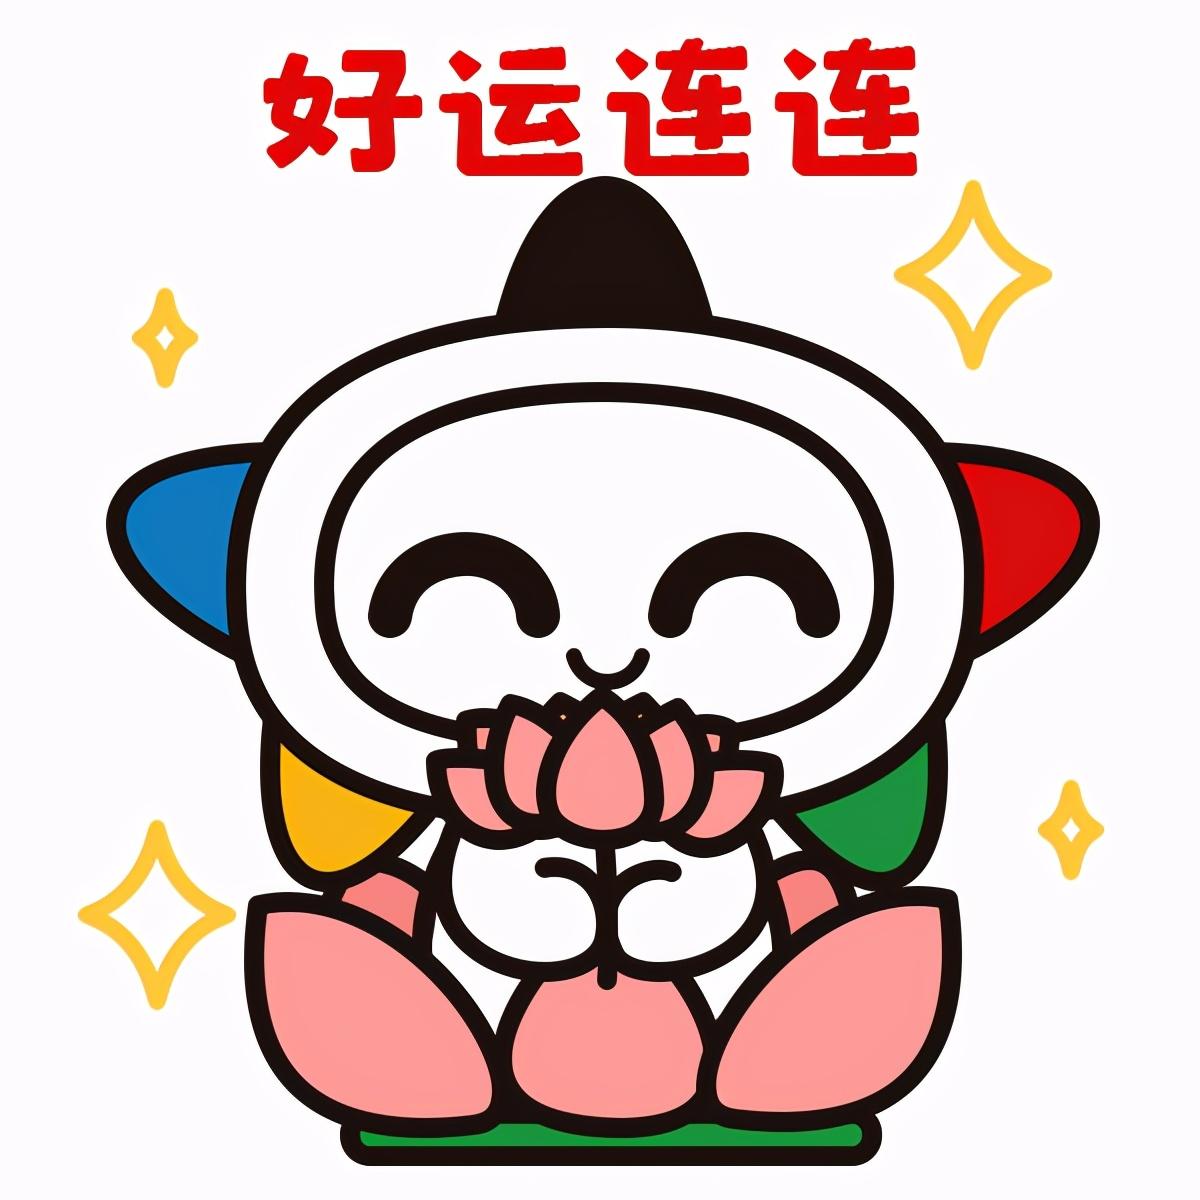 新年连中三元!武汉昨再中大乐透千万大奖